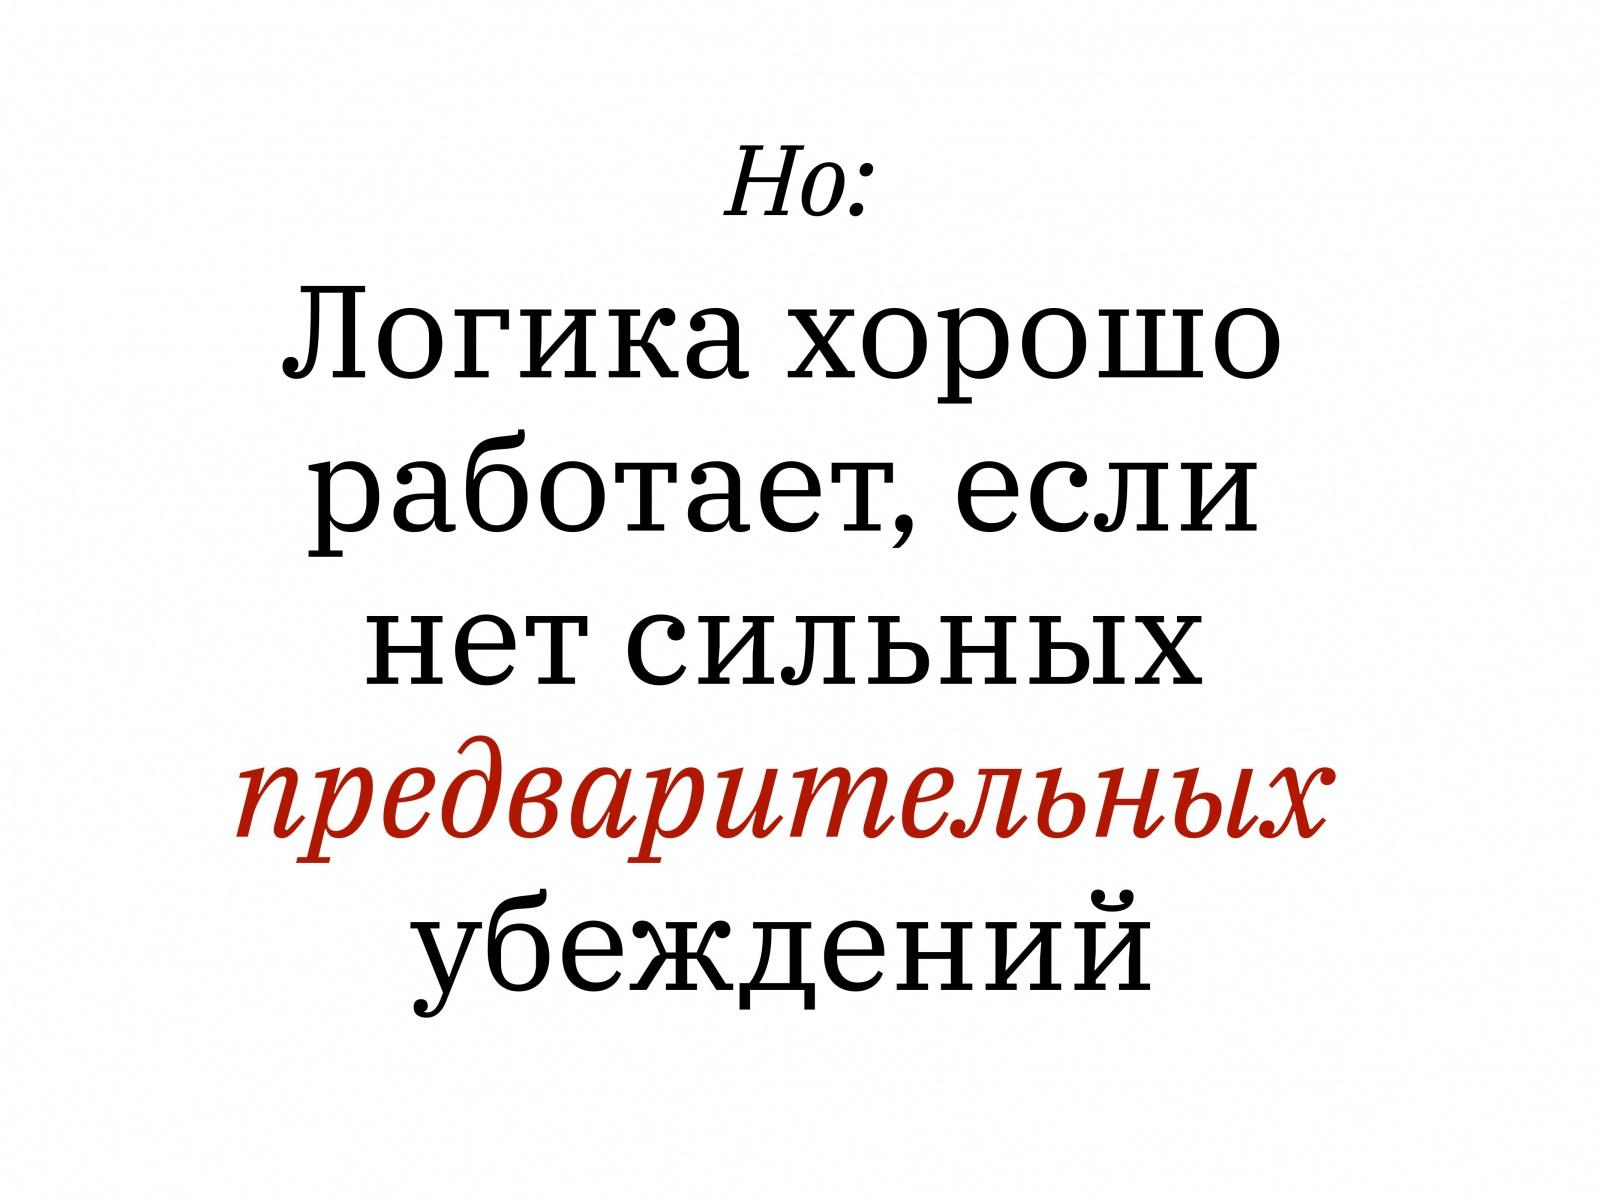 Алексей Каптерев: Критическое мышление 101 (часть 2) - 13